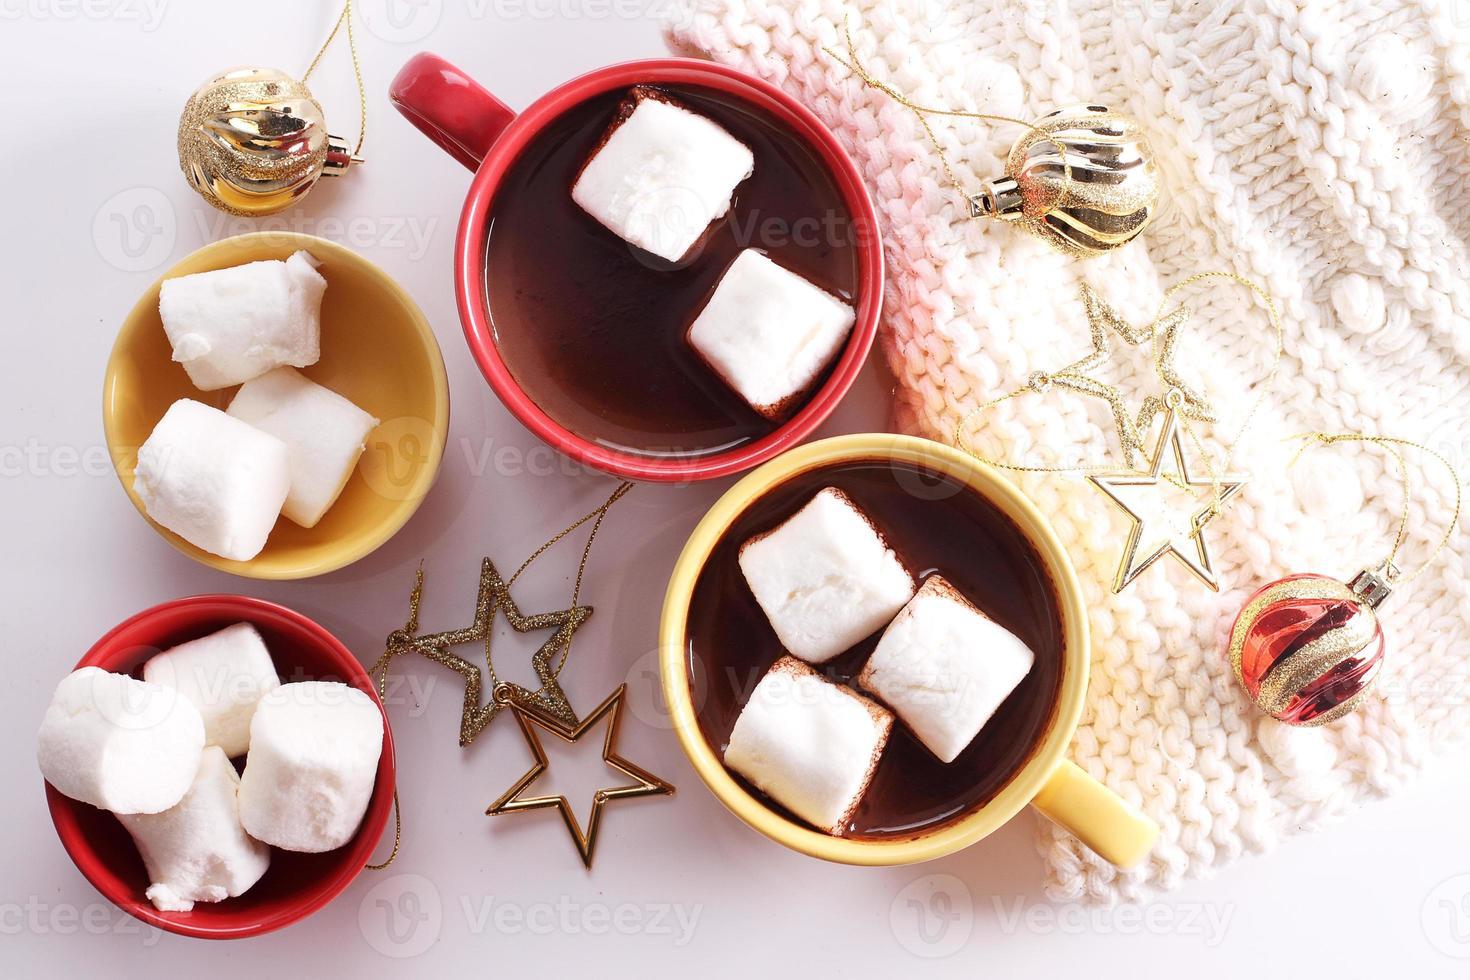 bebida de chocolate caliente con decoraciones de celebración foto